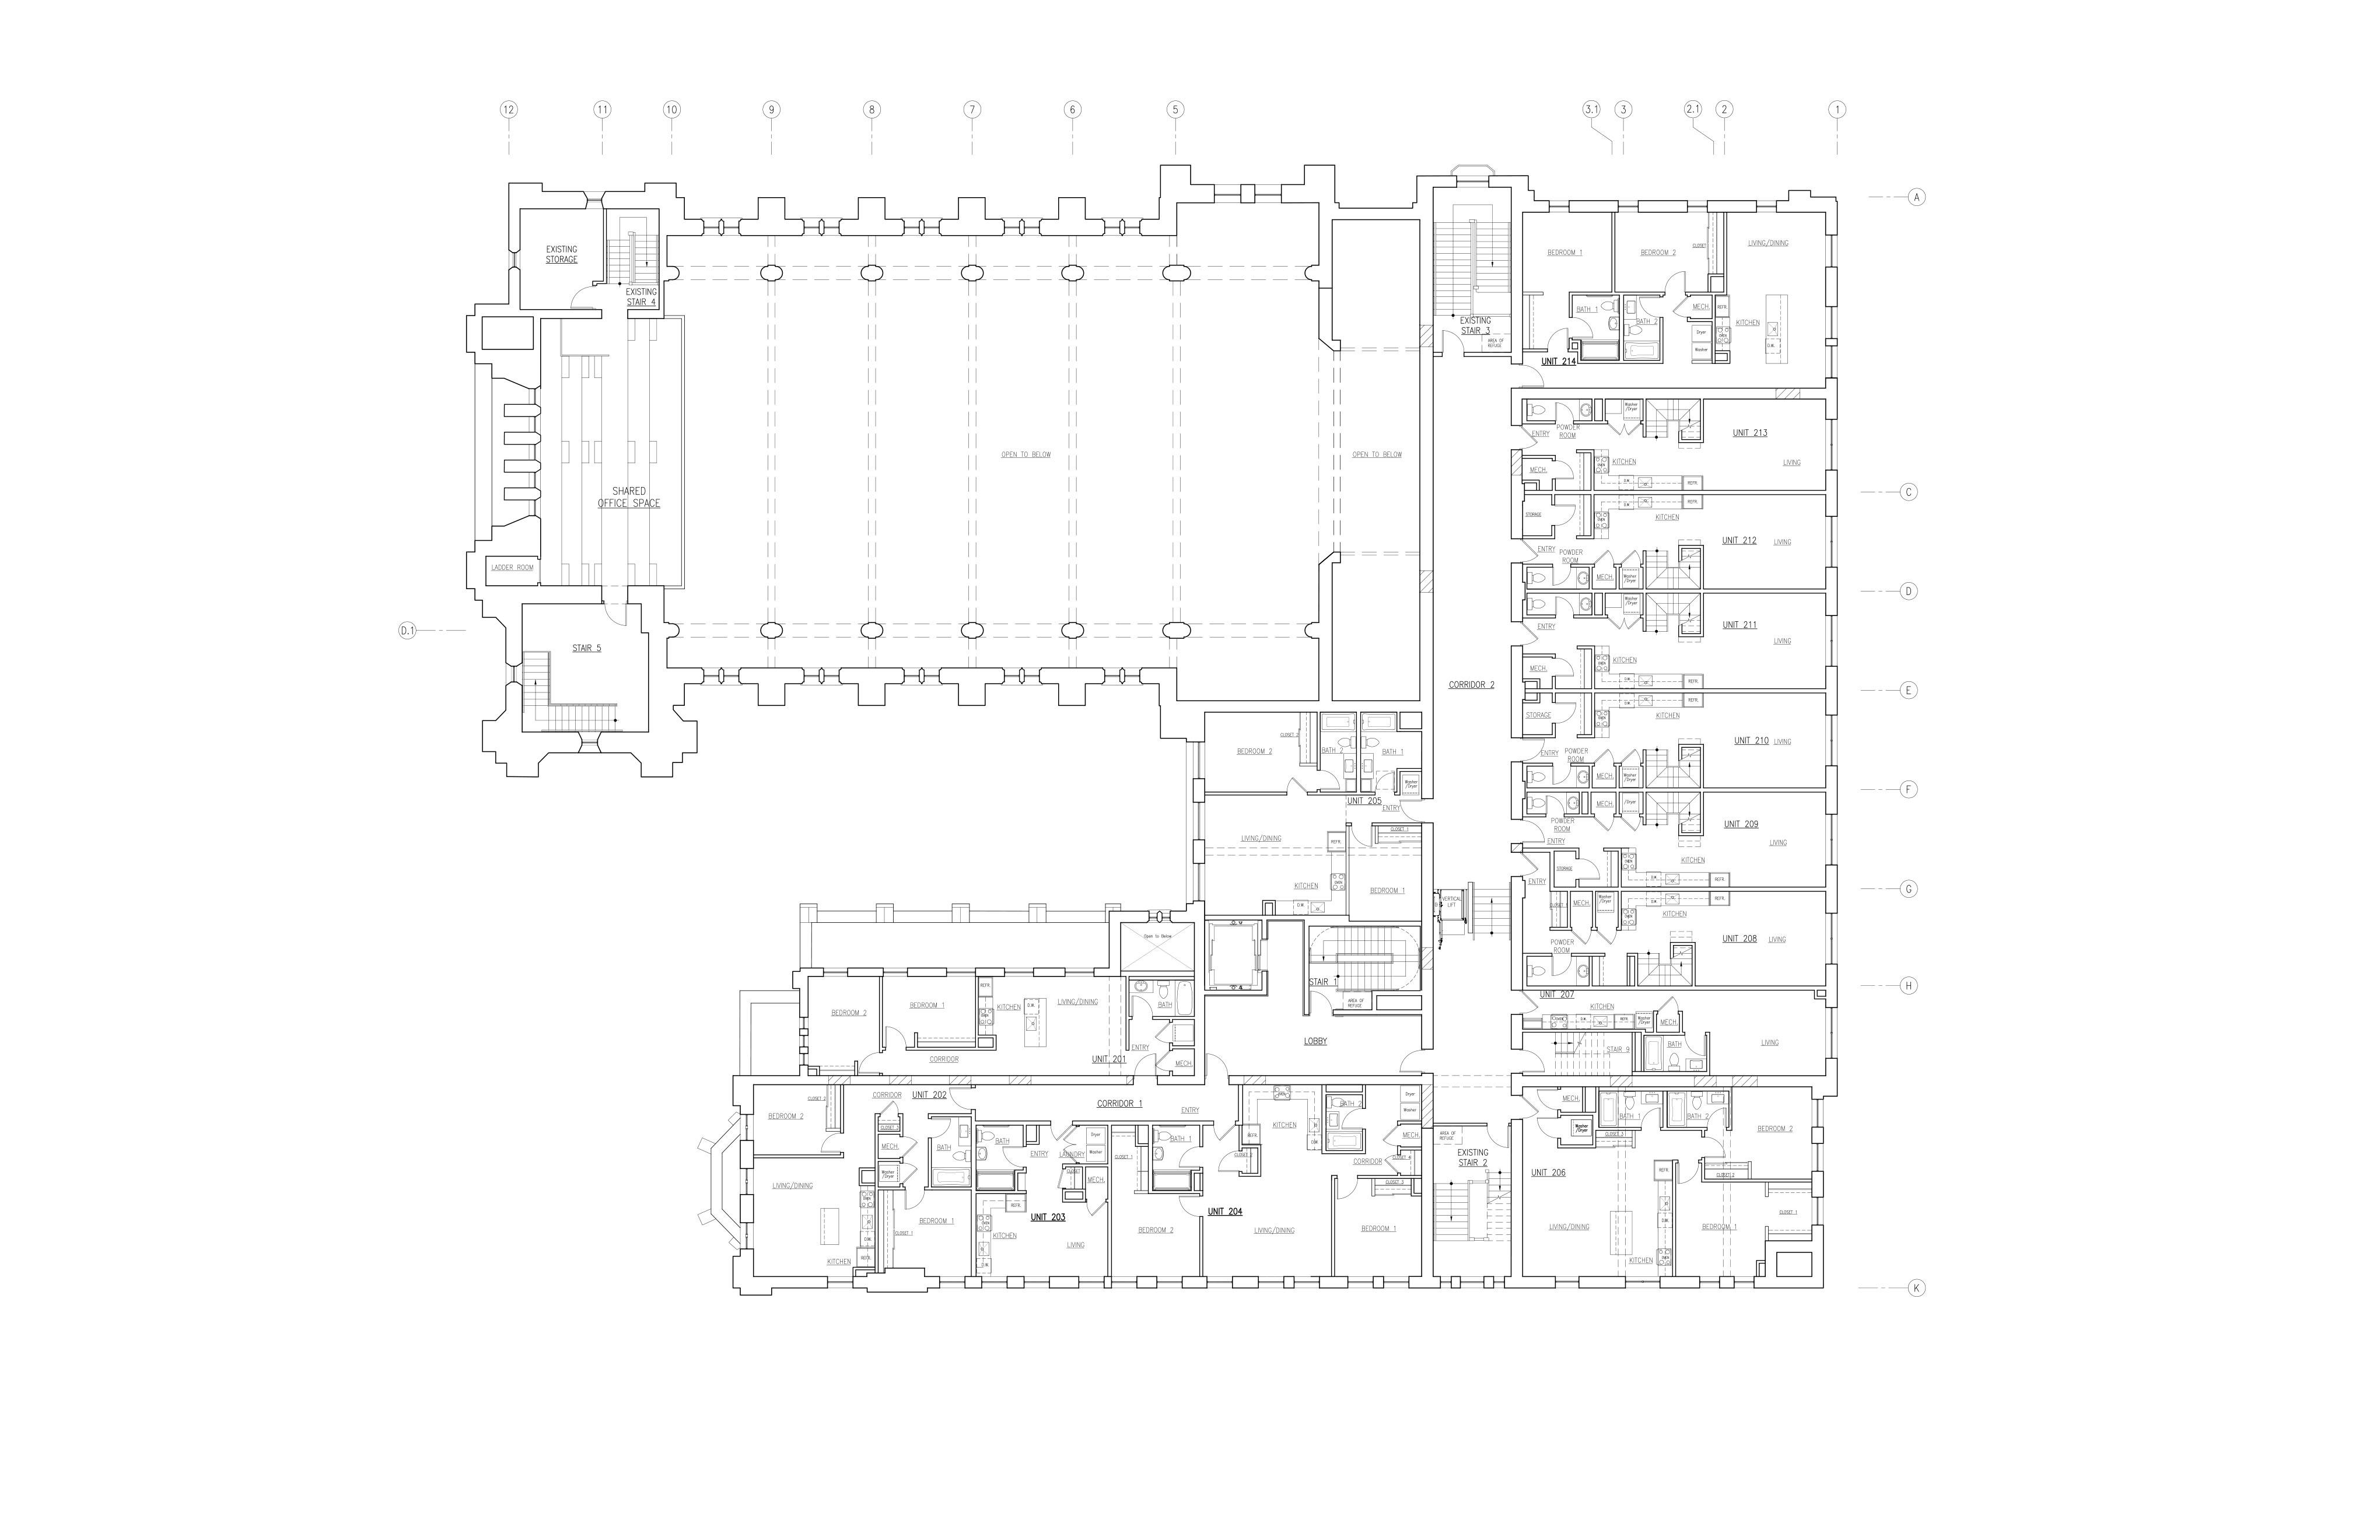 ellis 2nd floor